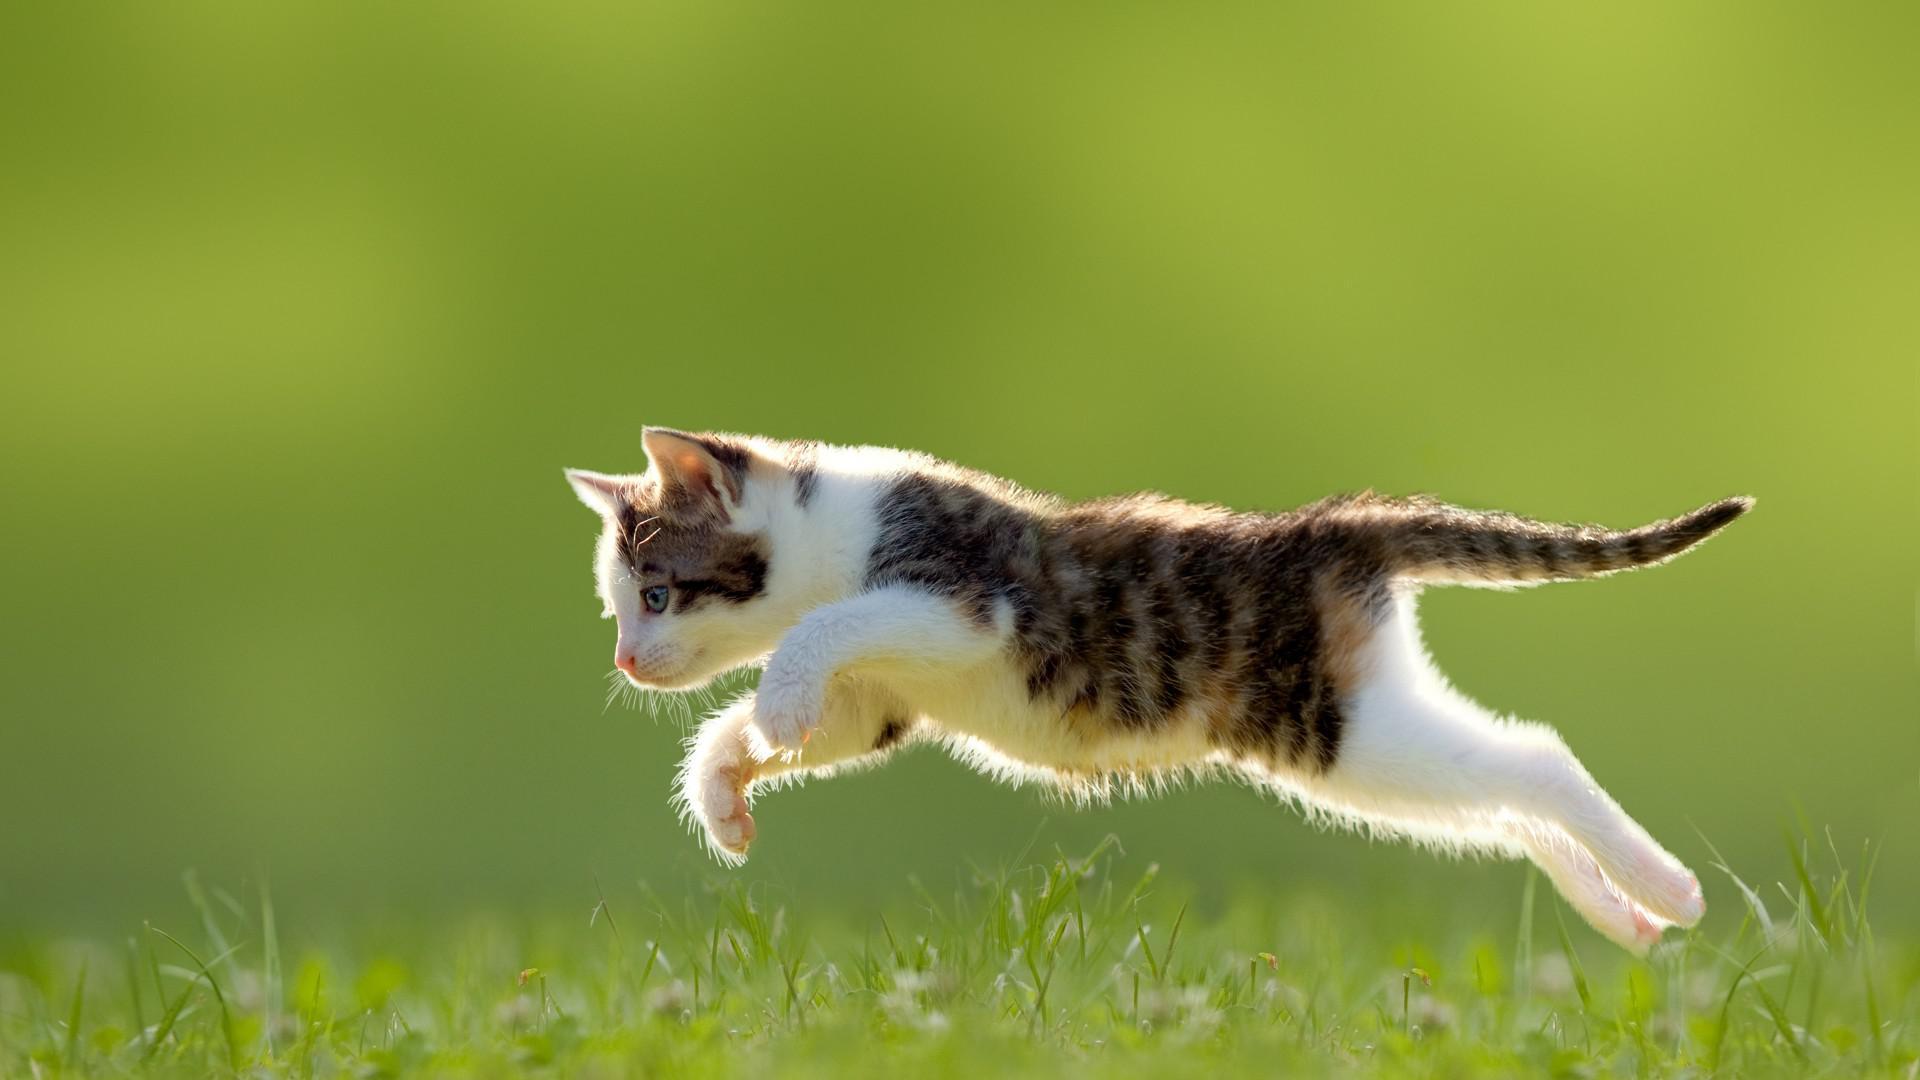 Kitten, grass, jumping, cute animal wallpaper | other | Wallpaper Better